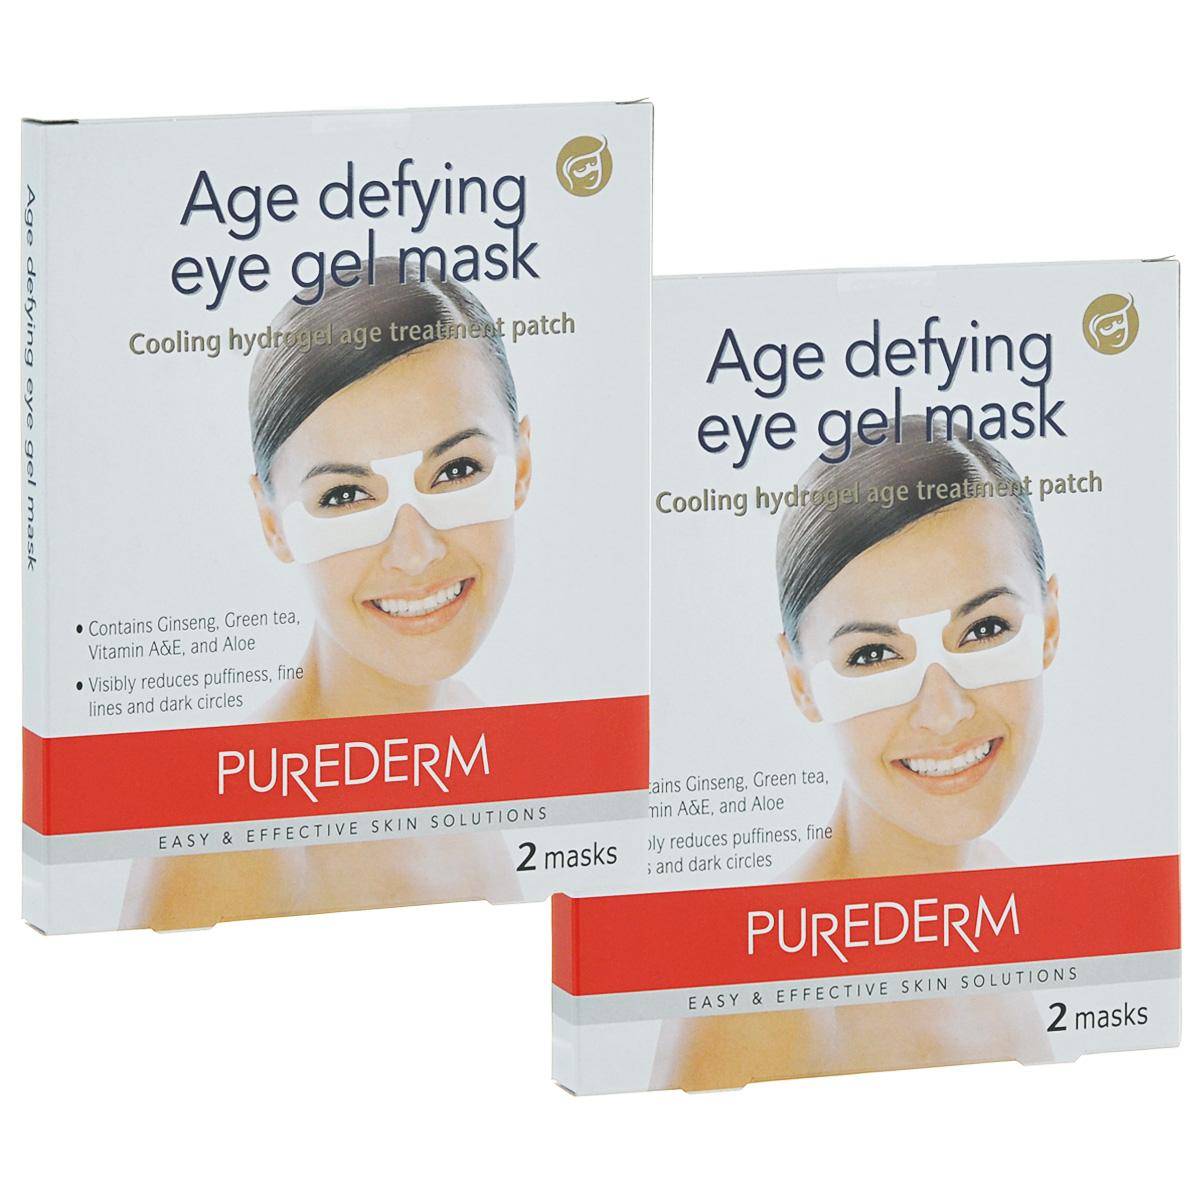 Purederm Гелевая маска для глаз с омолаживающим эффектом, 2х70 г.495709Cпециальное косметическое средство, созданное для уменьшения морщин вокруг глаз без раздражения кожи. Гелевая основа подушечек обеспечивает глубокое проникновение питательных и увлажняющих ингредиентов и их длительное воздействие на кожу.